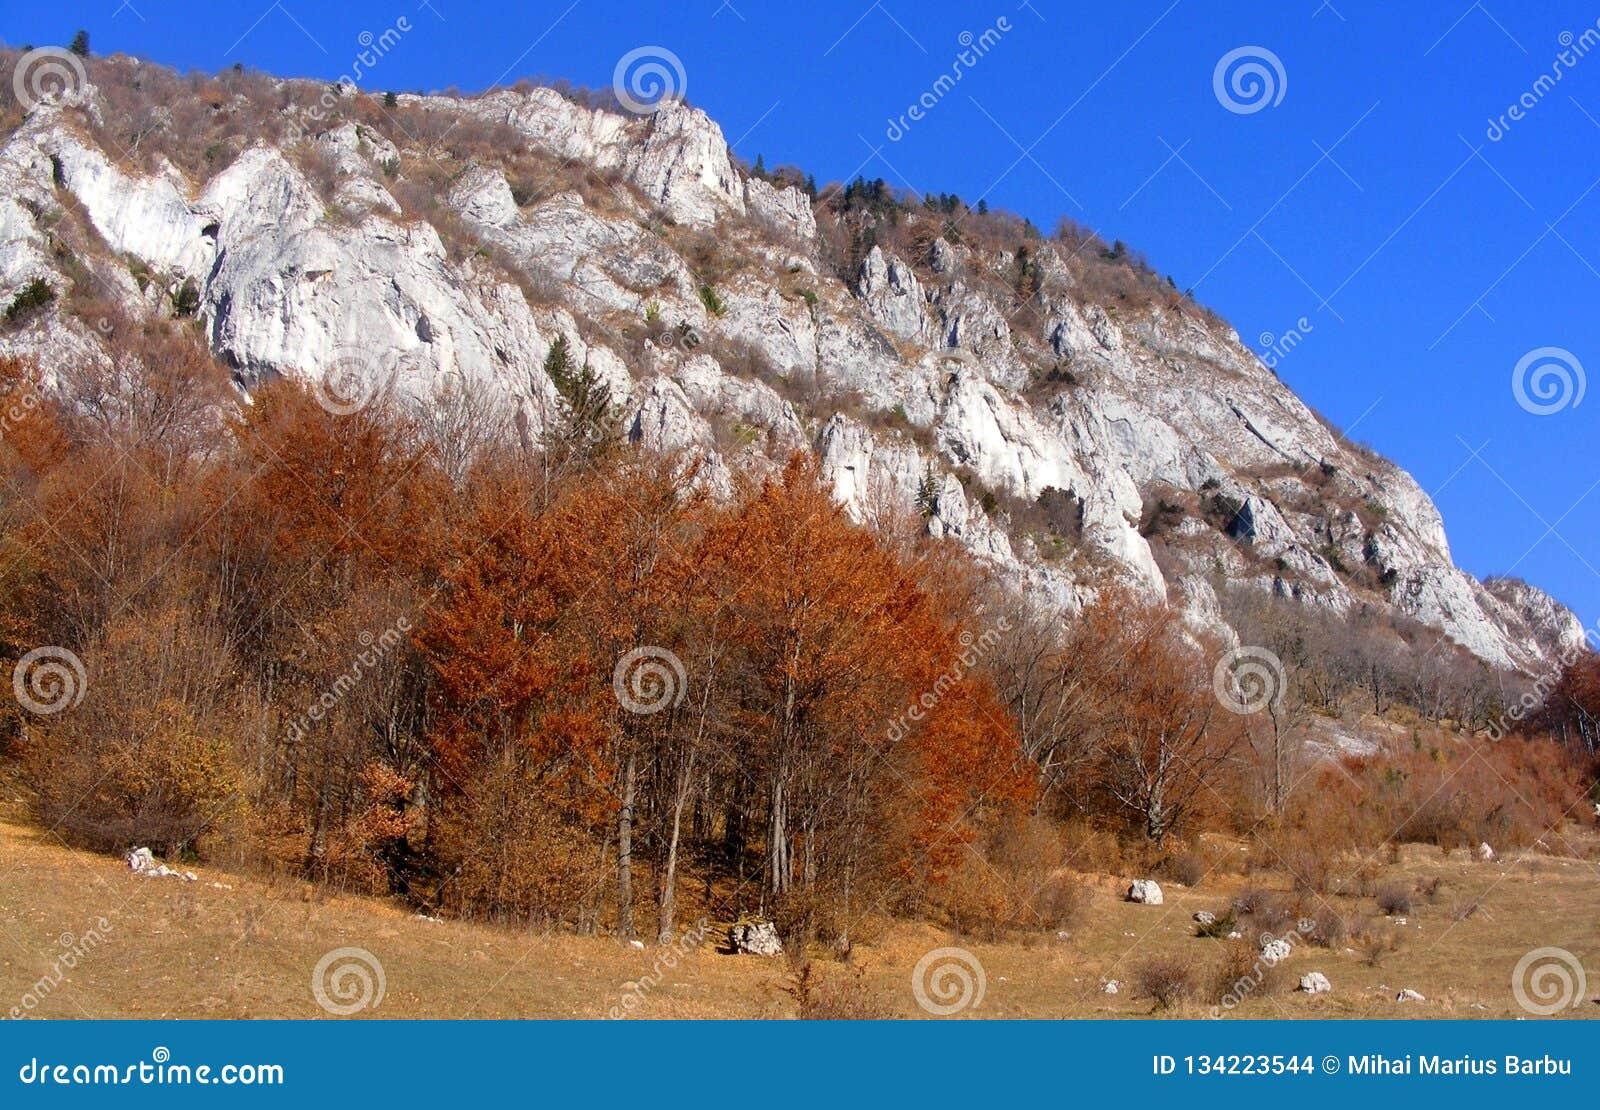 Automne dans des gorges de Rasnoave, comté de Brasov